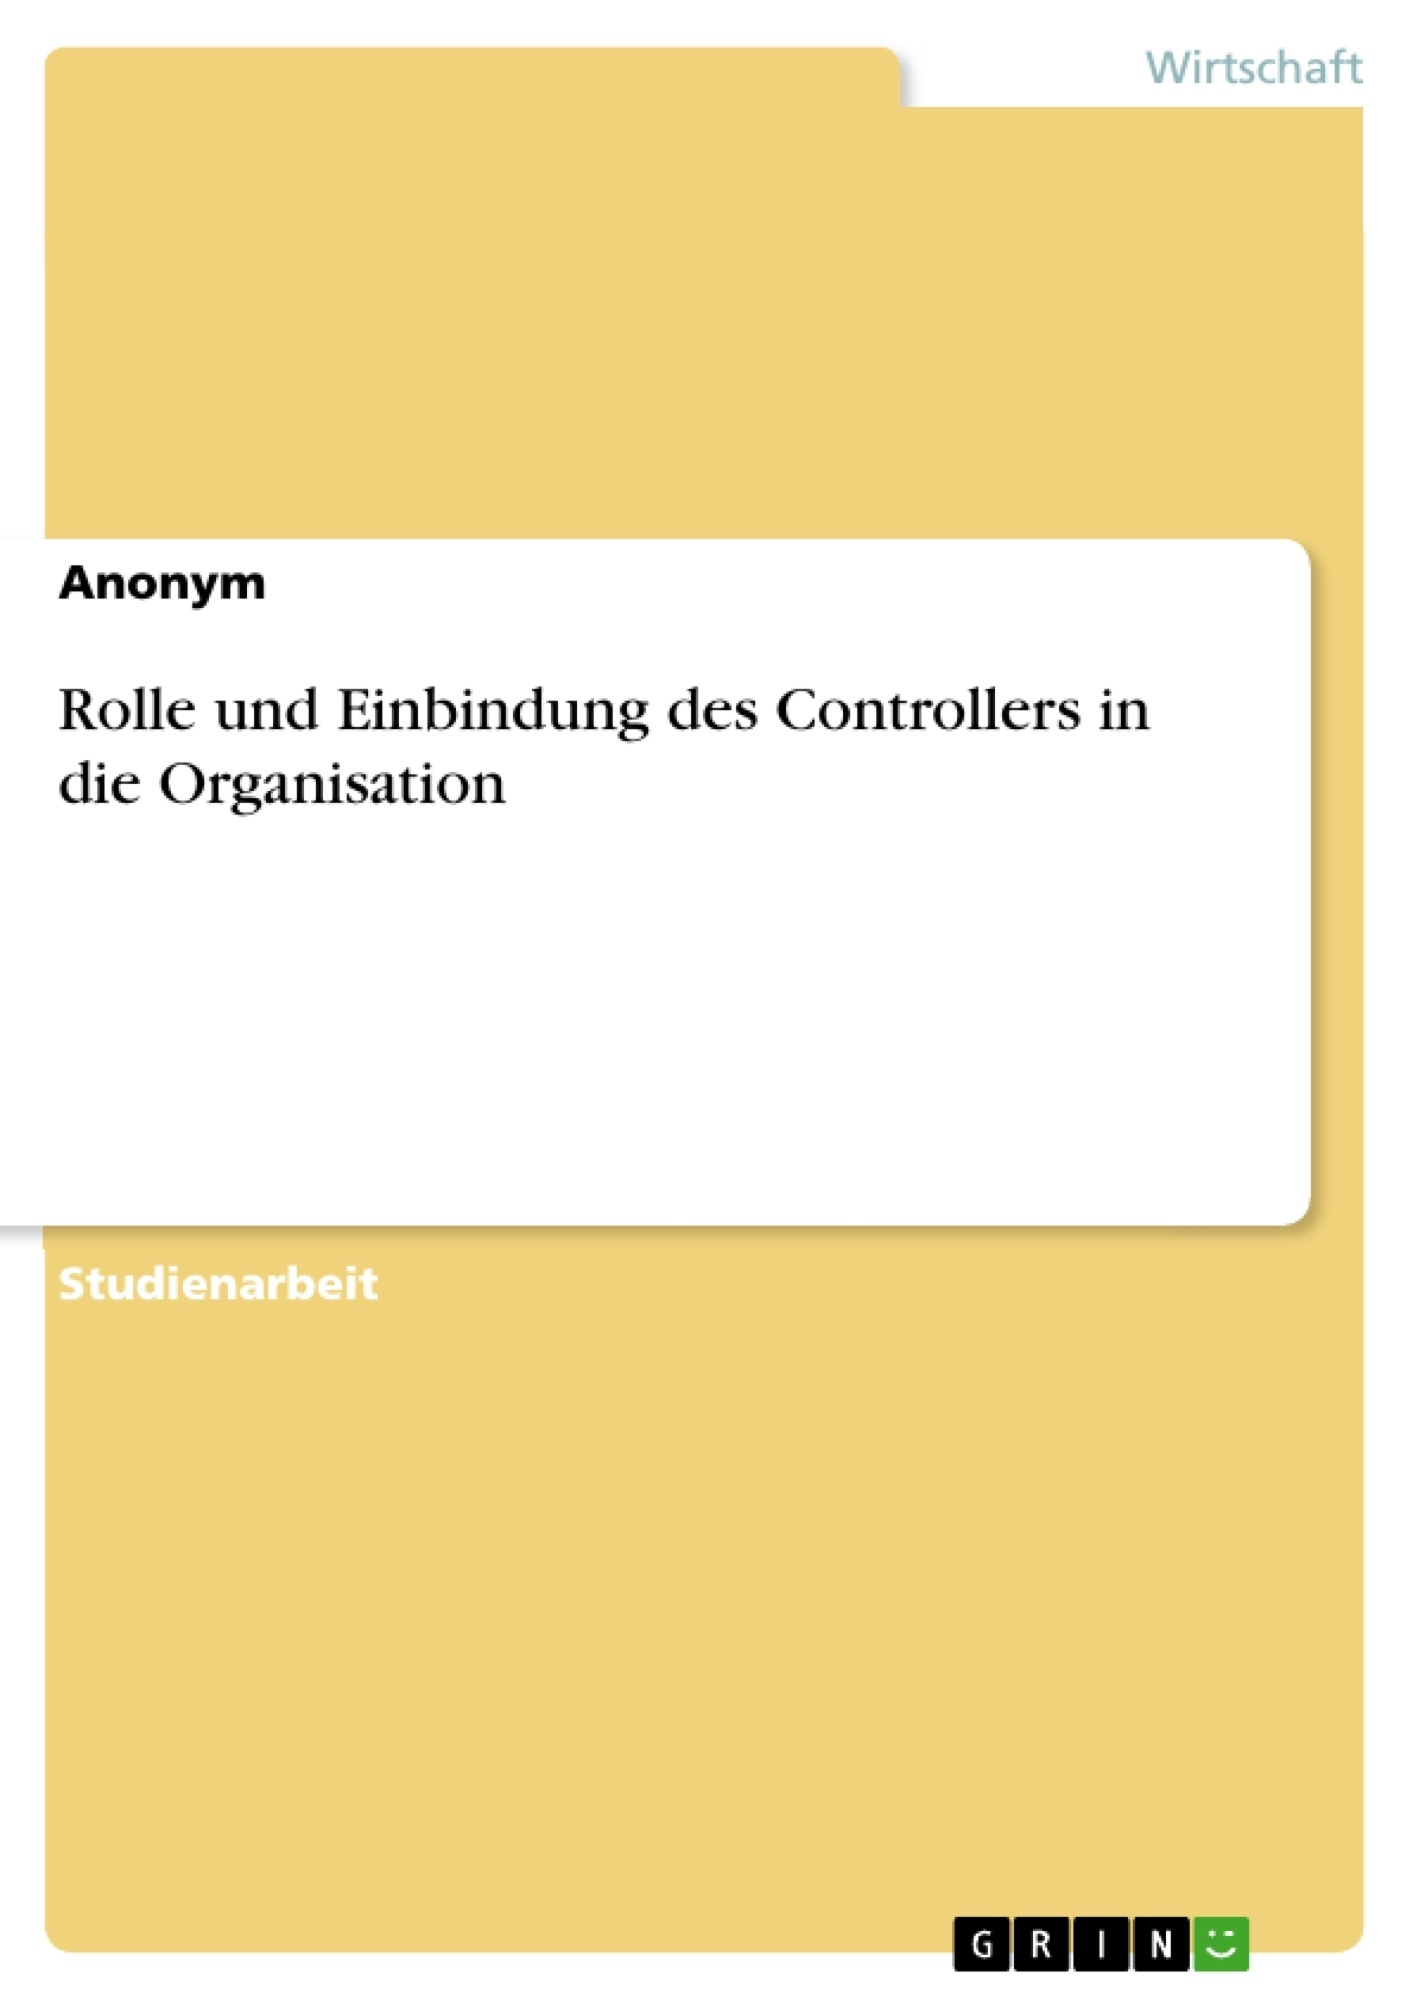 Titel: Rolle und Einbindung des Controllers in die Organisation